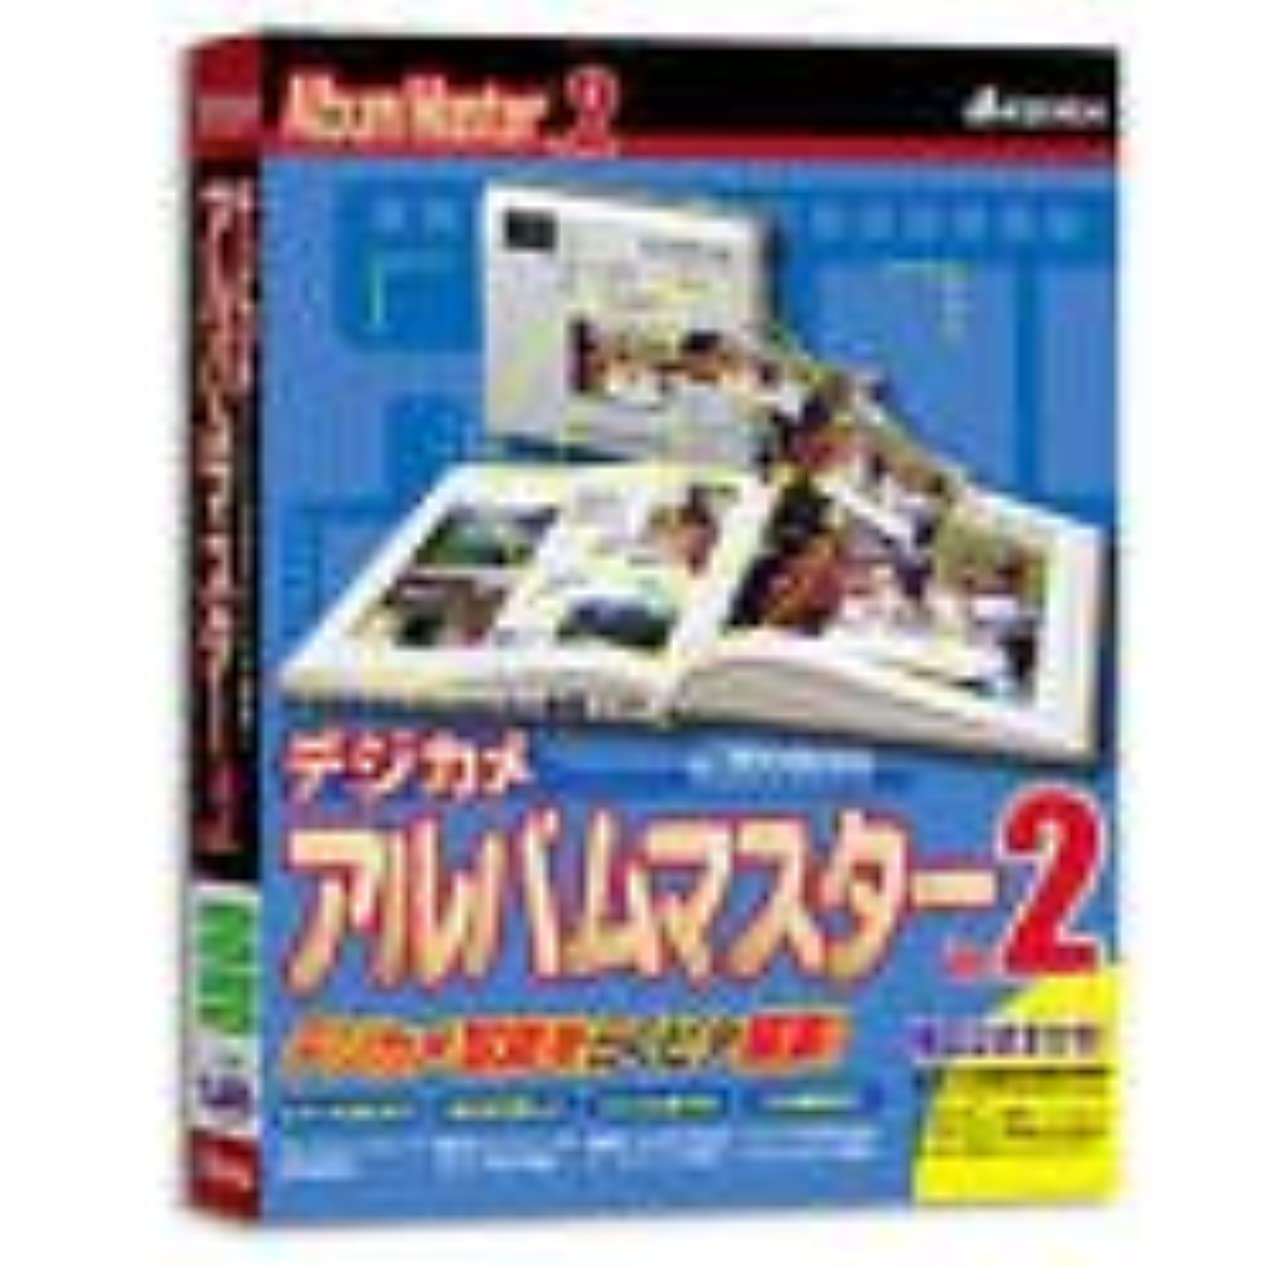 ヒュームヘアセントアルバムマスター Ver.2